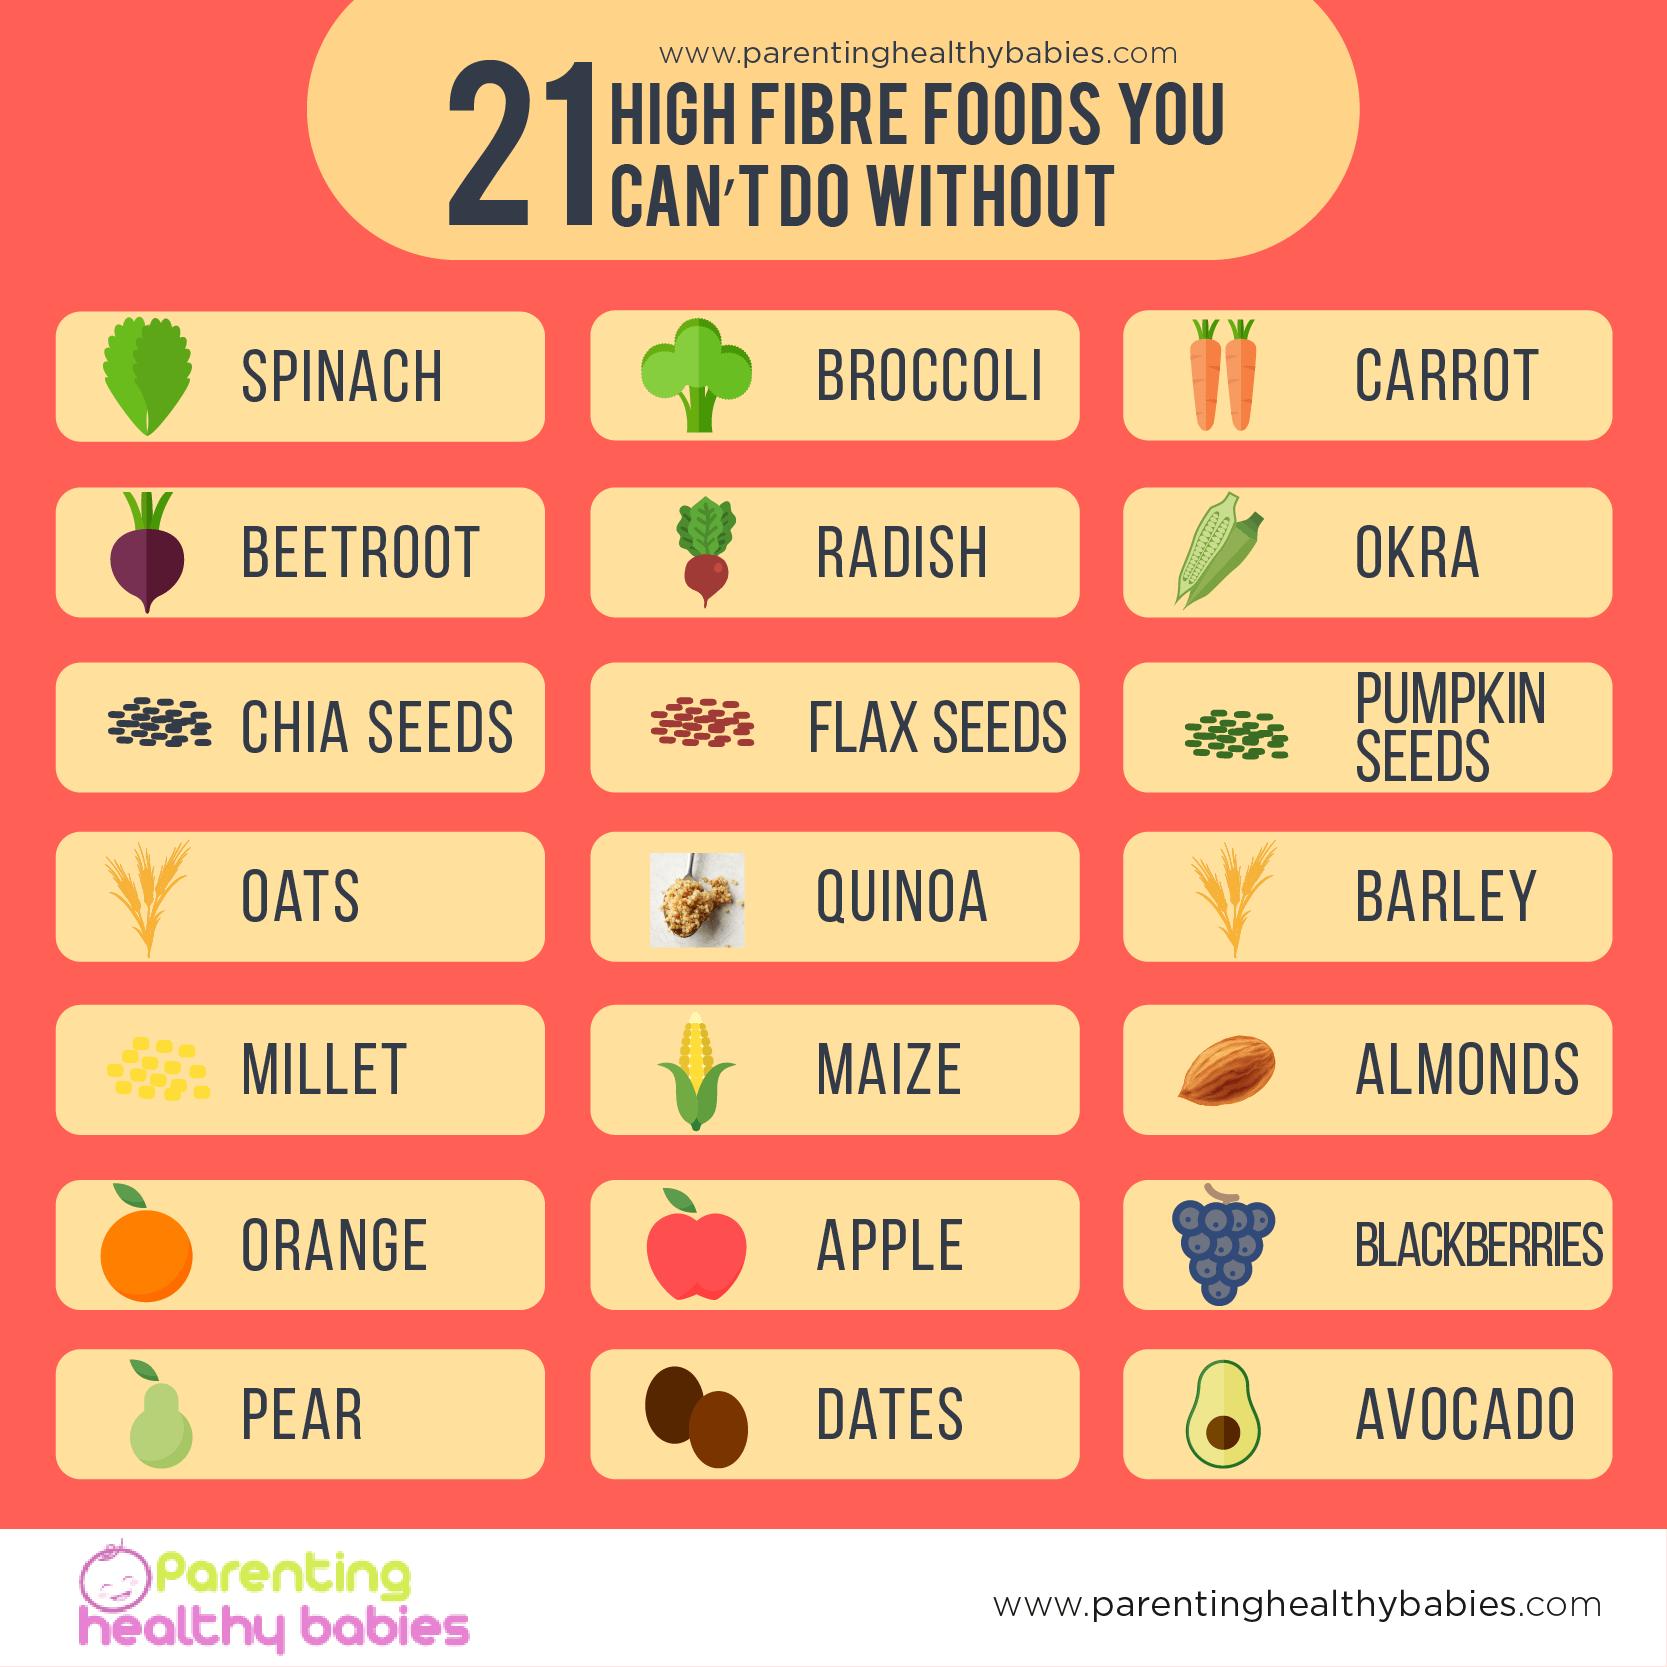 21 High Fibre Foods